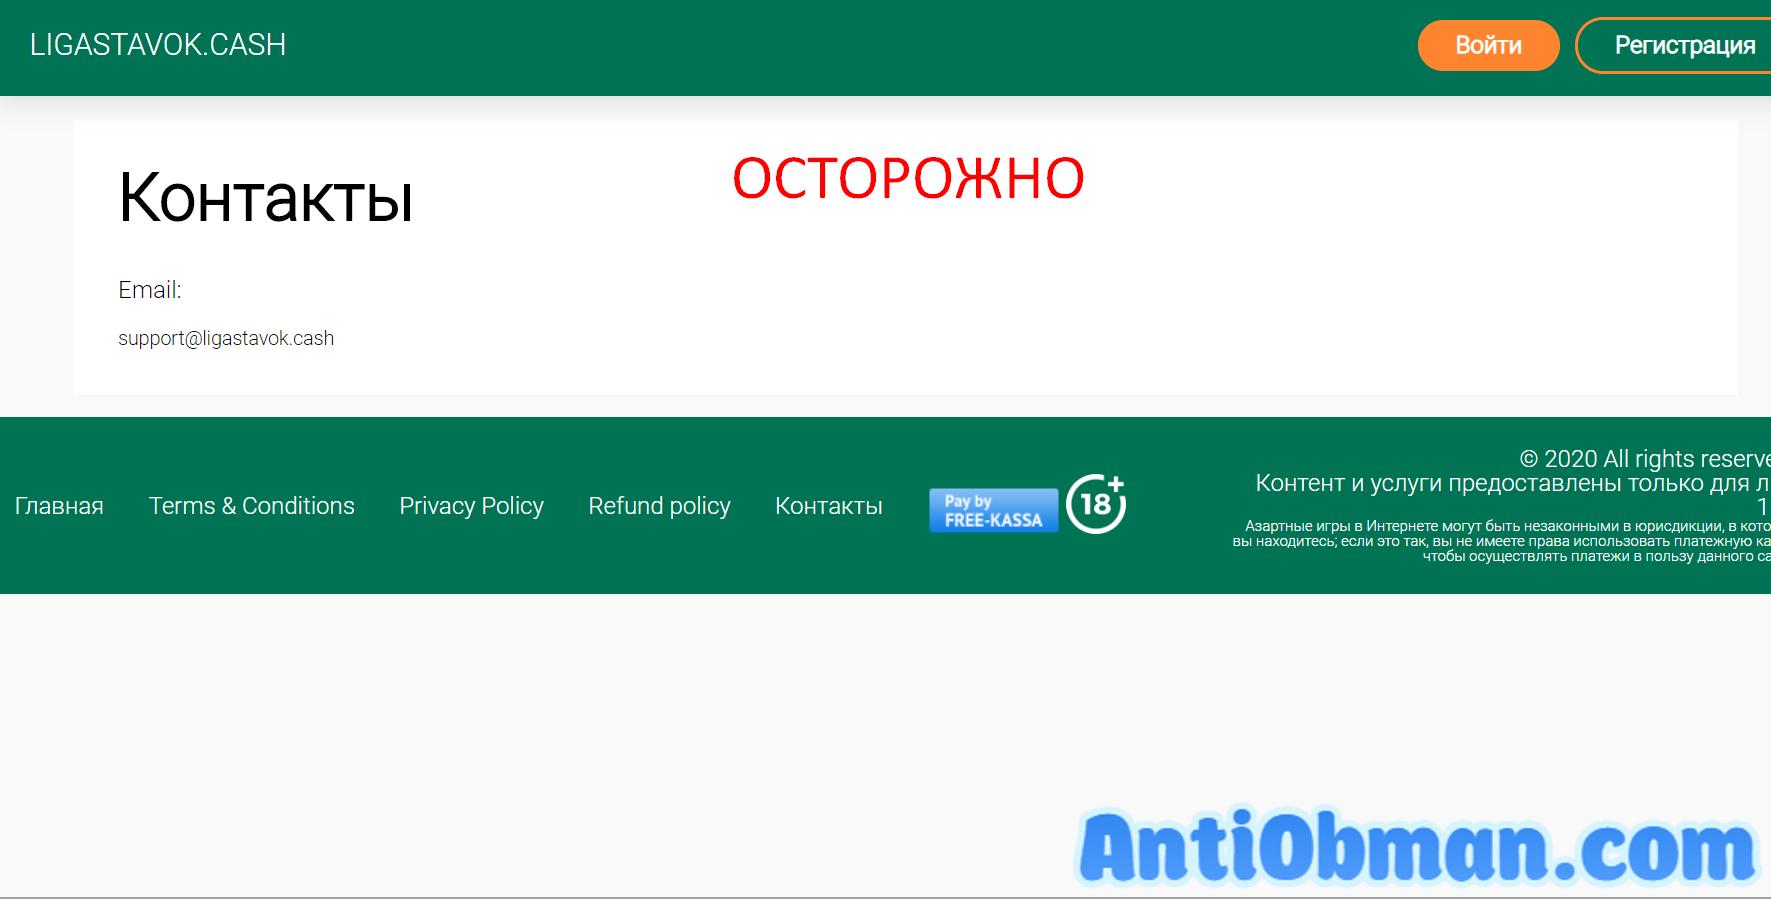 Ligastavok.cash - правдивые отзывы о выводе выигрышей